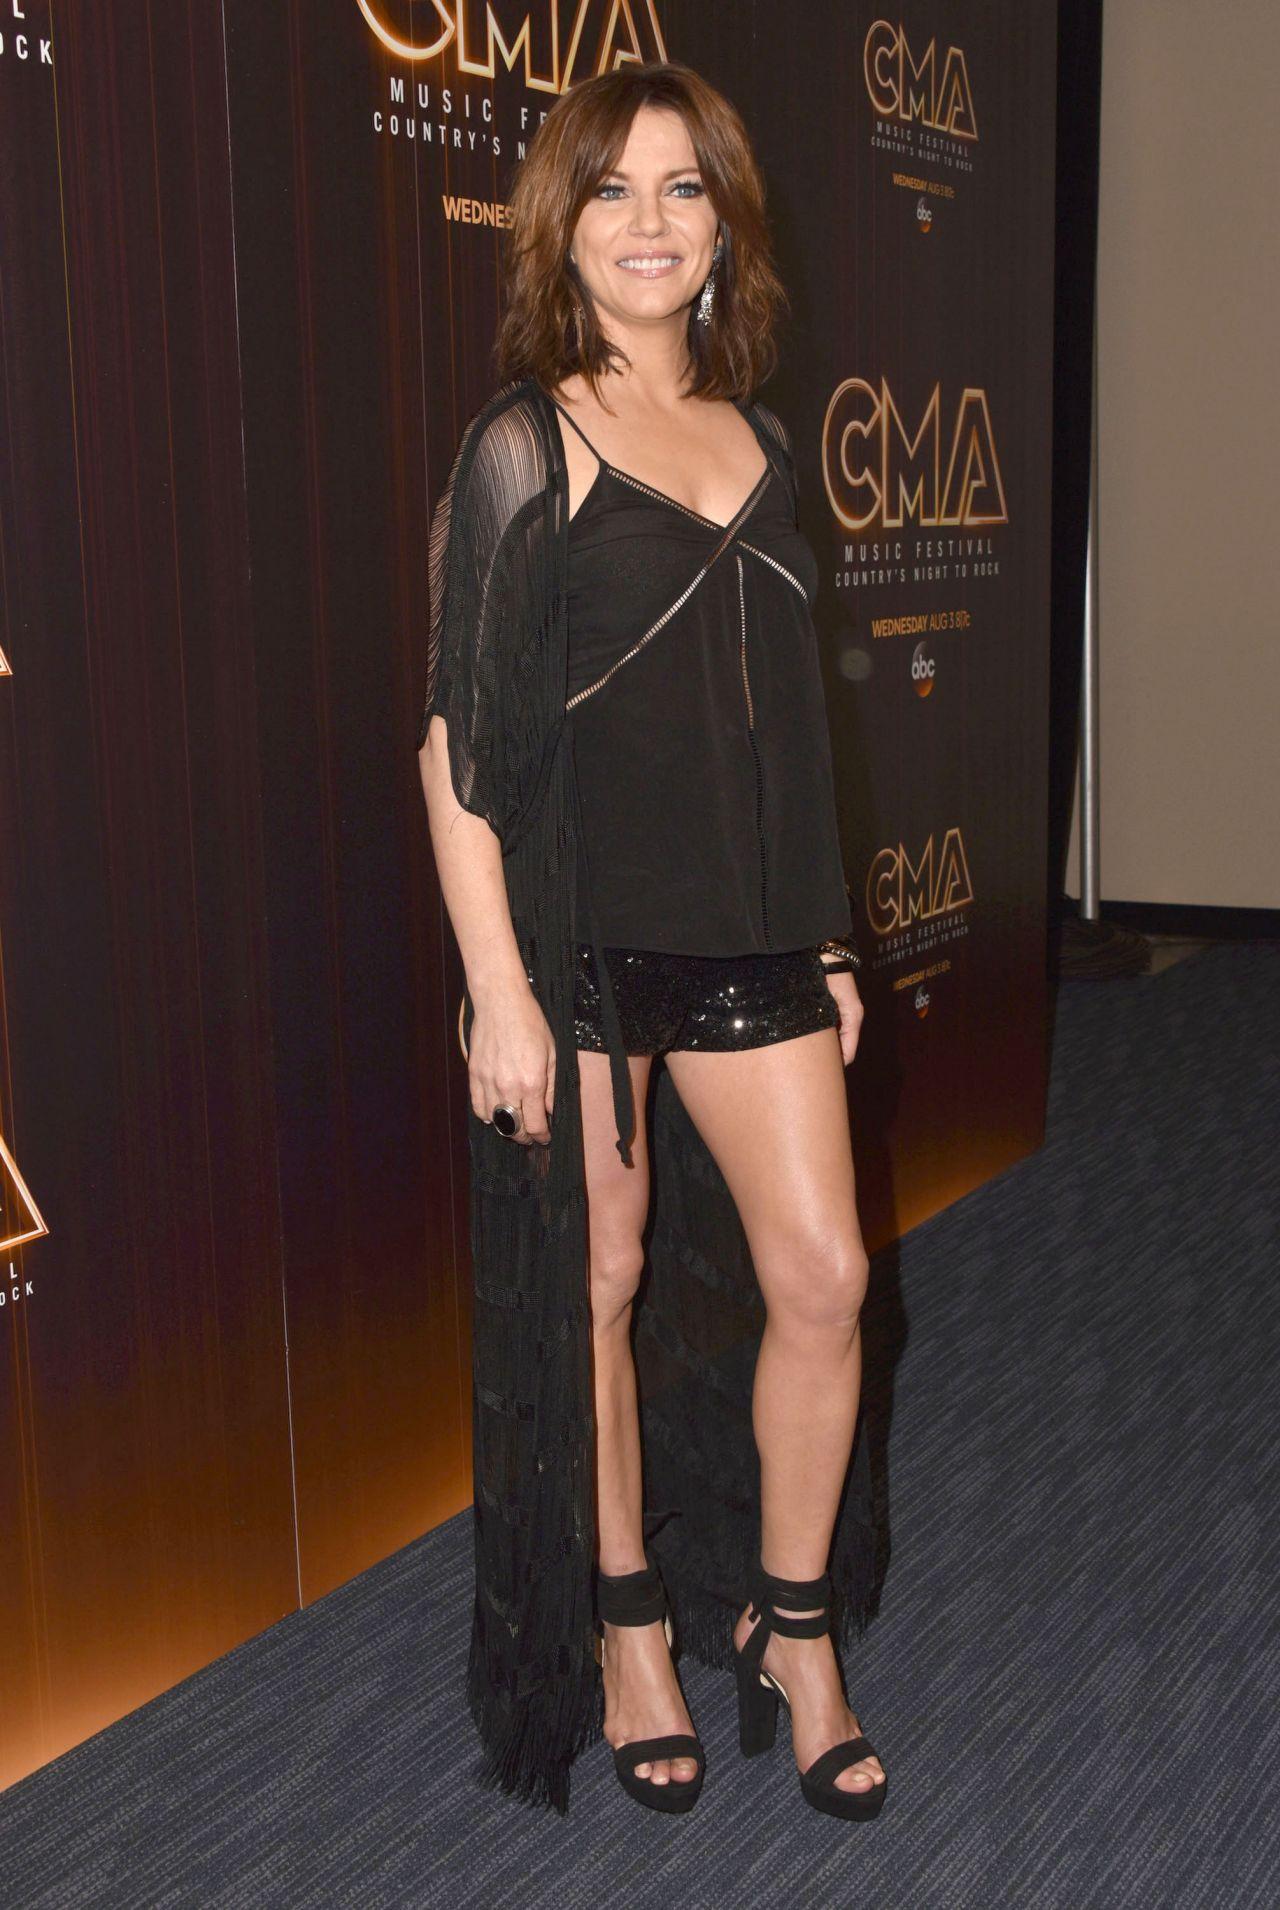 Martina Mcbride Cma Awards Related Keywords